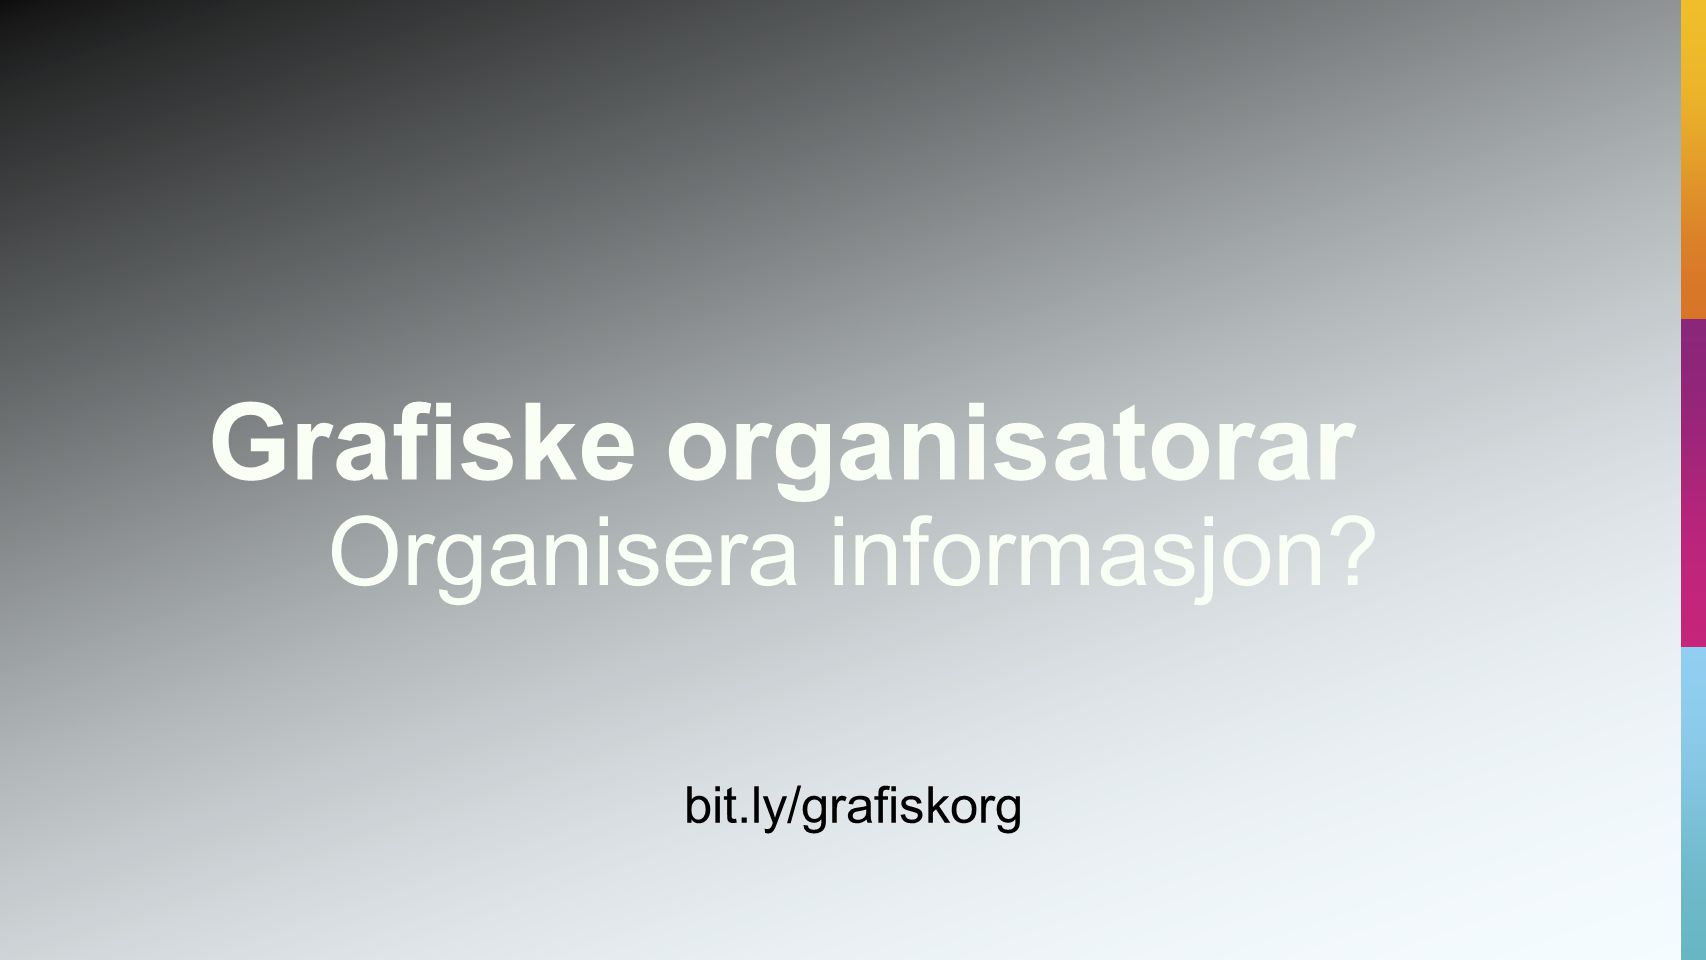 Organisera informasjon? bit.ly/grafiskorg